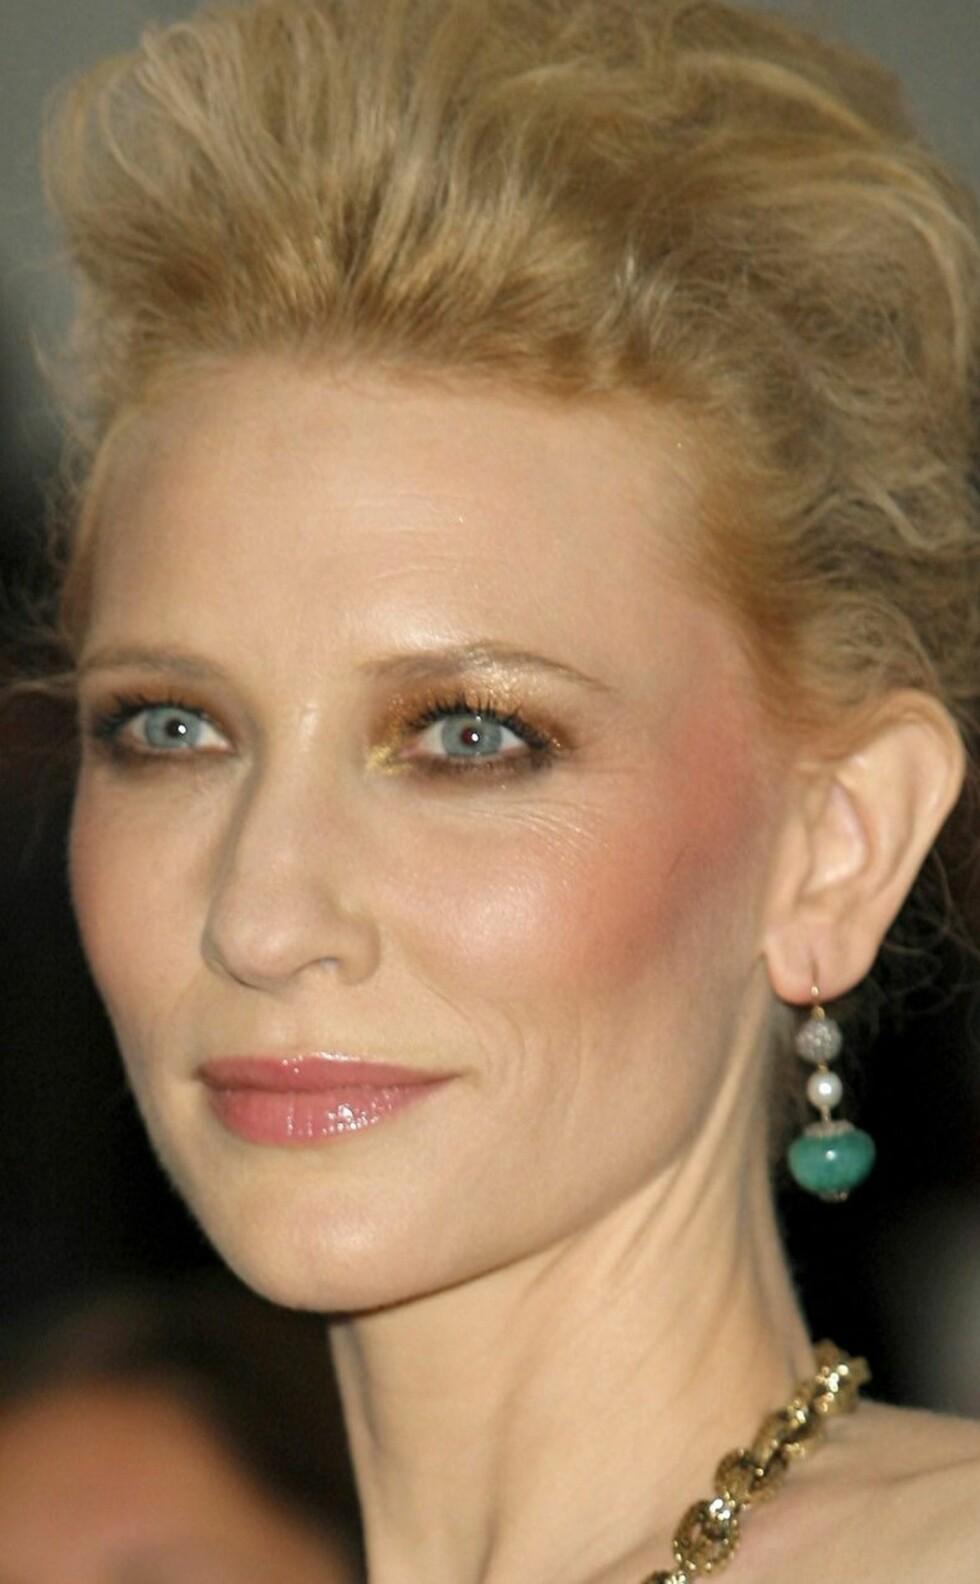 Den vanligvis så stilsikre skuespilleren  Cate Blanchett synes det er supert med gulgrønn øyeskygge. Eller har hun blitt angrepet av gulsott? Vi er ikke helt sikre.